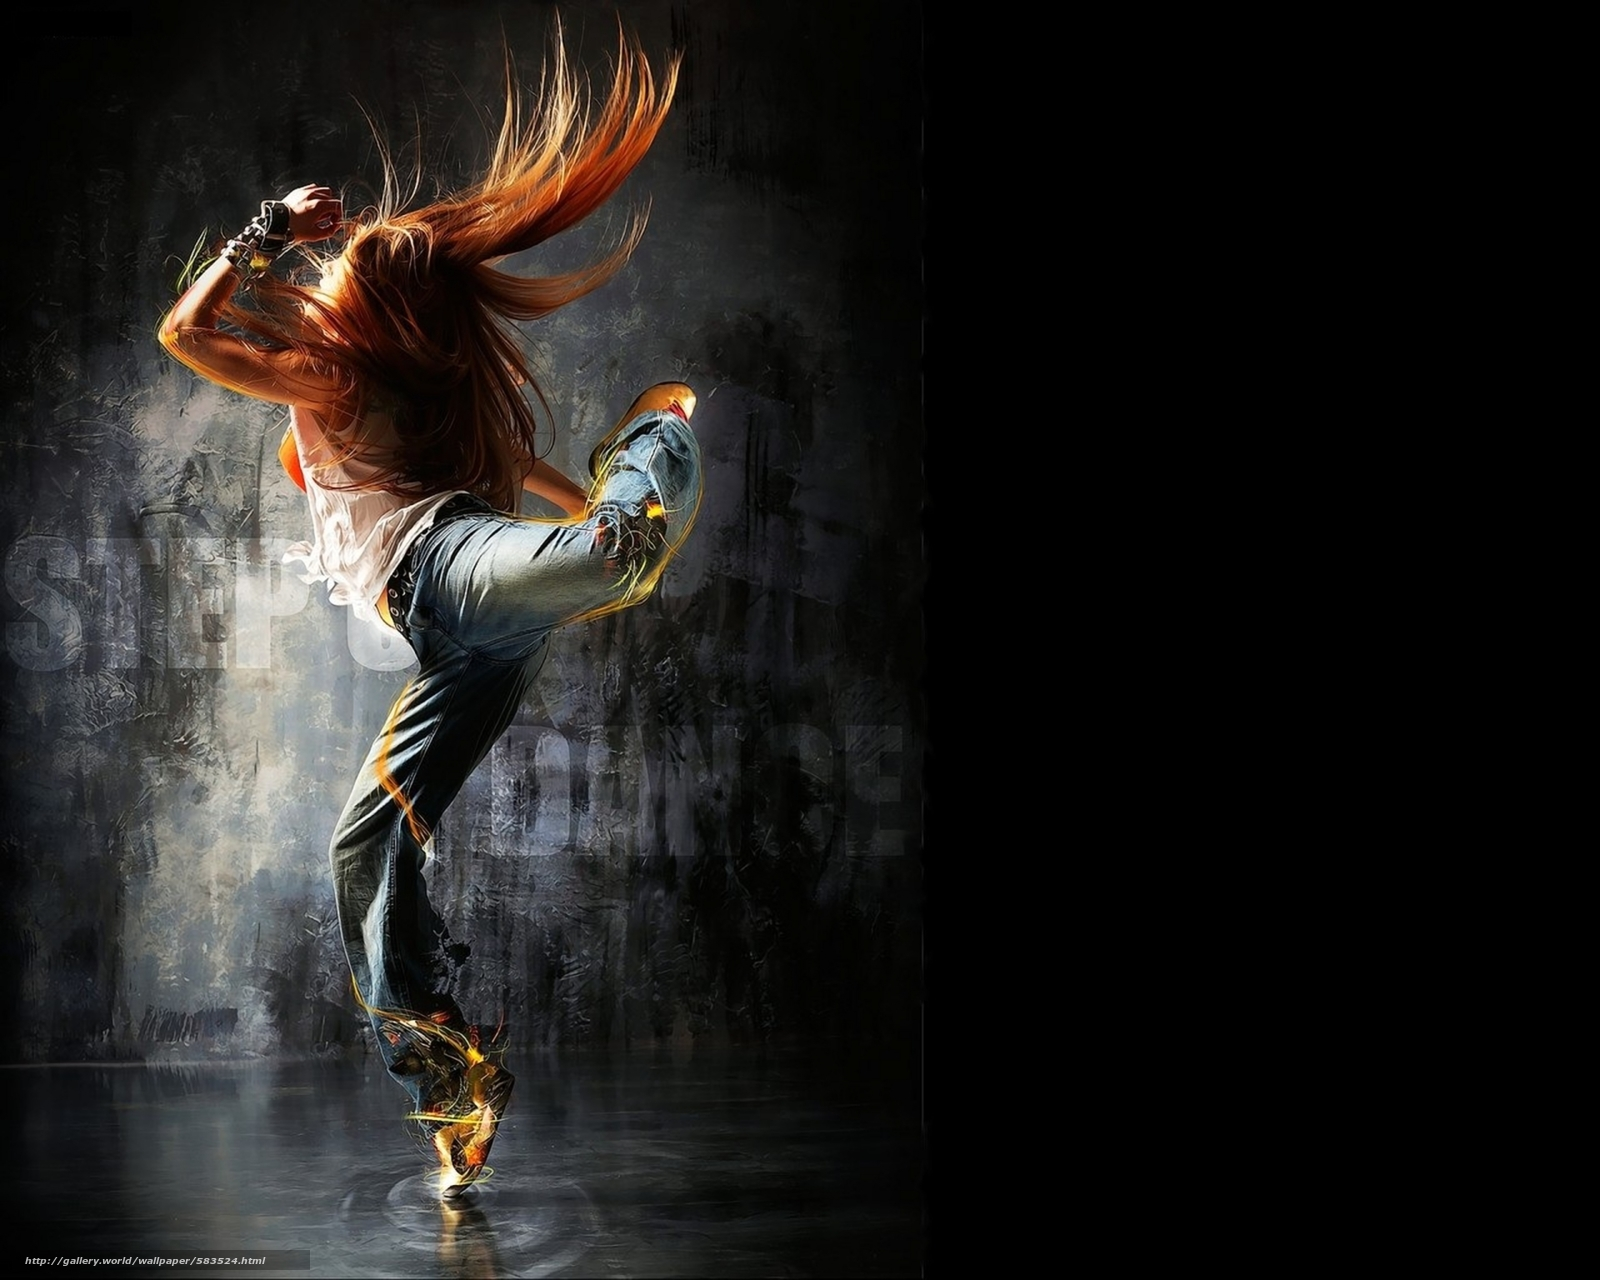 下载壁纸 红发,  头发,  跳舞 免费为您的桌面分辨率的壁纸 1920x1536 — 图片 №583524